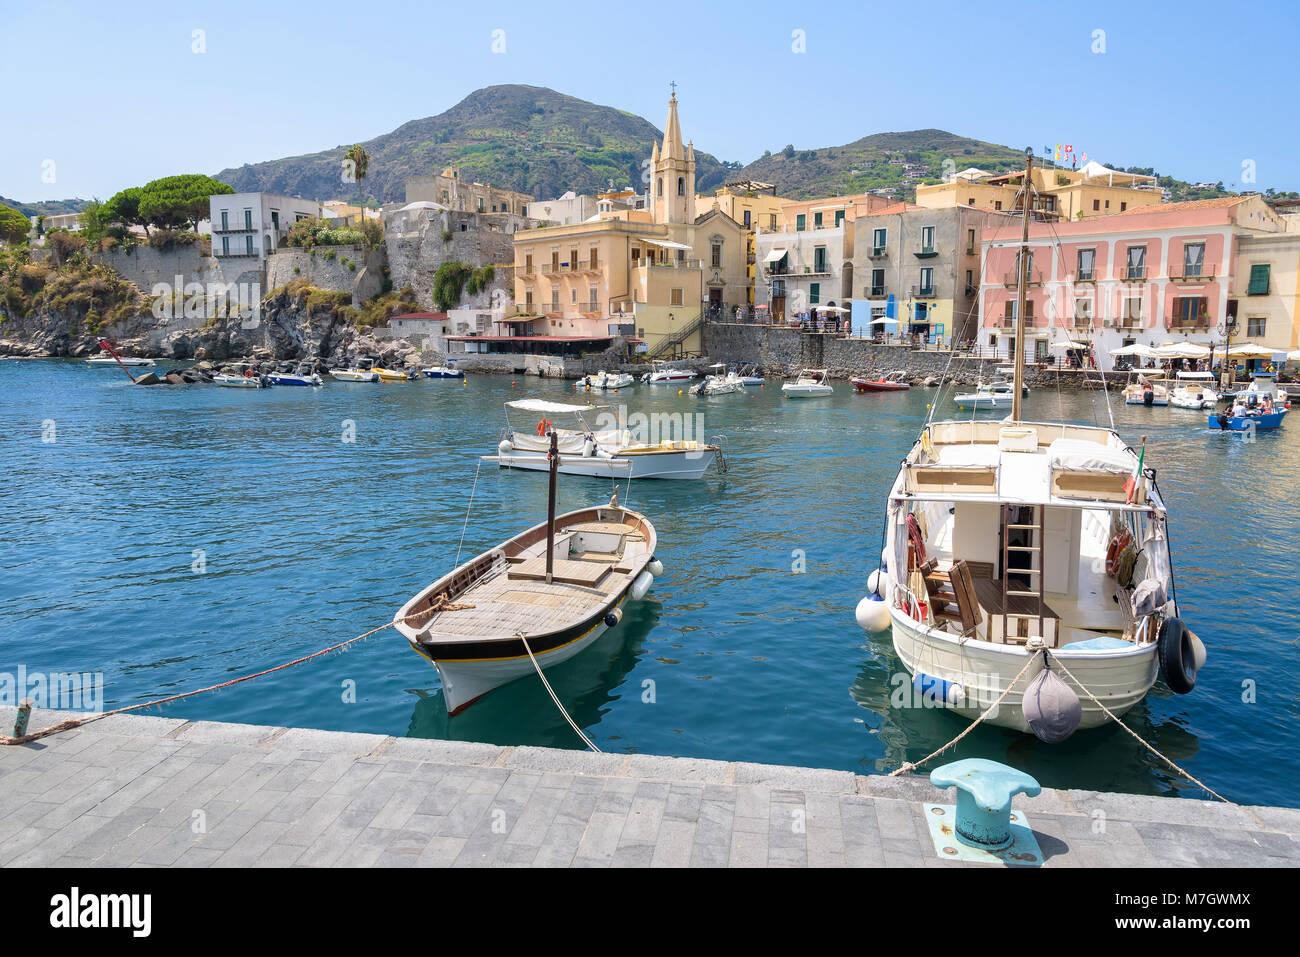 Boats at Marina Corta in Lipari town, Aeolian Islands, Italy Stock Photo